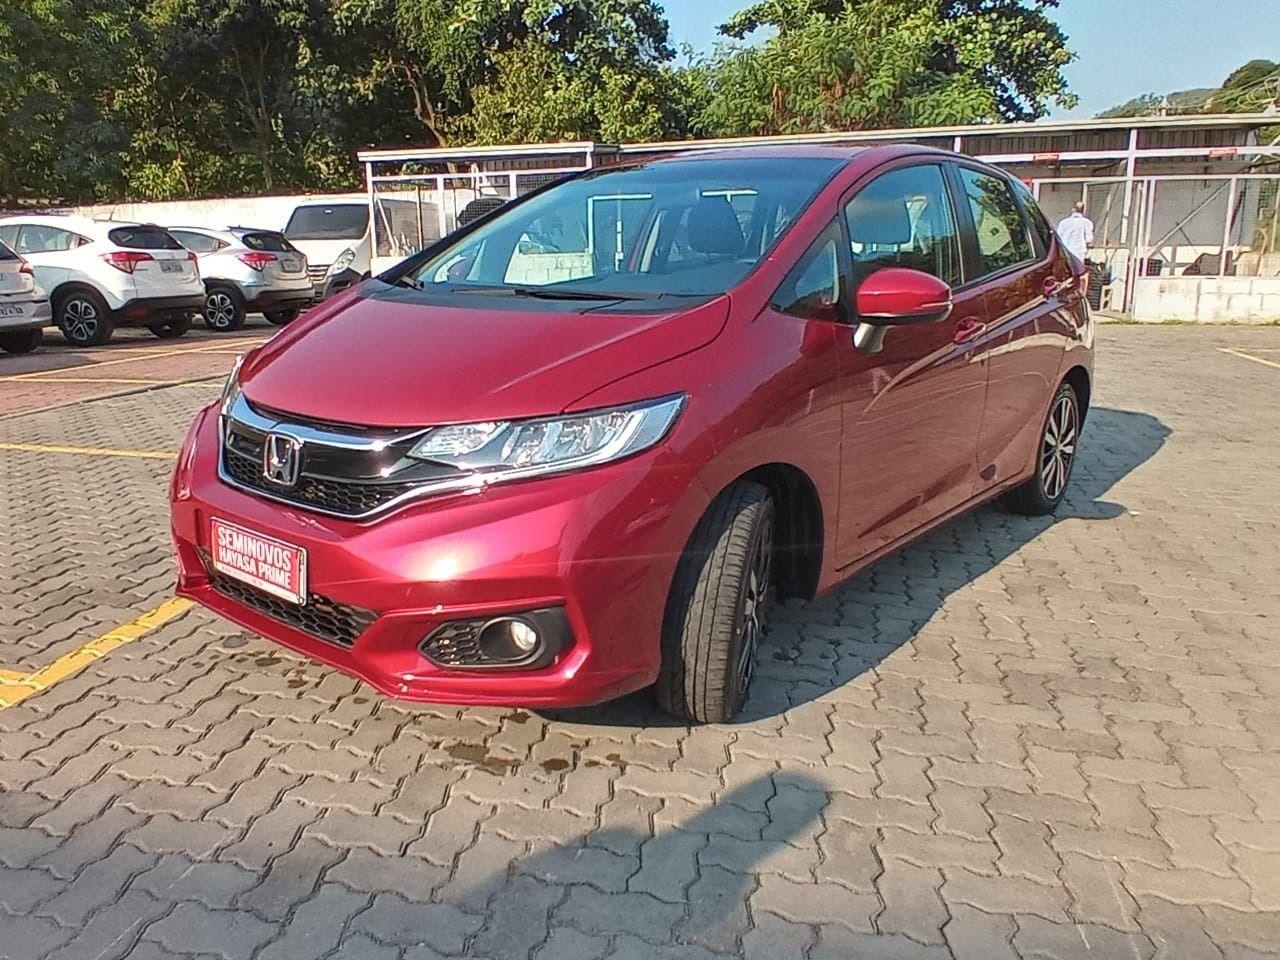 //www.autoline.com.br/carro/honda/fit-15-exl-16v-flex-4p-cvt/2020/niteroi-rj/14584376